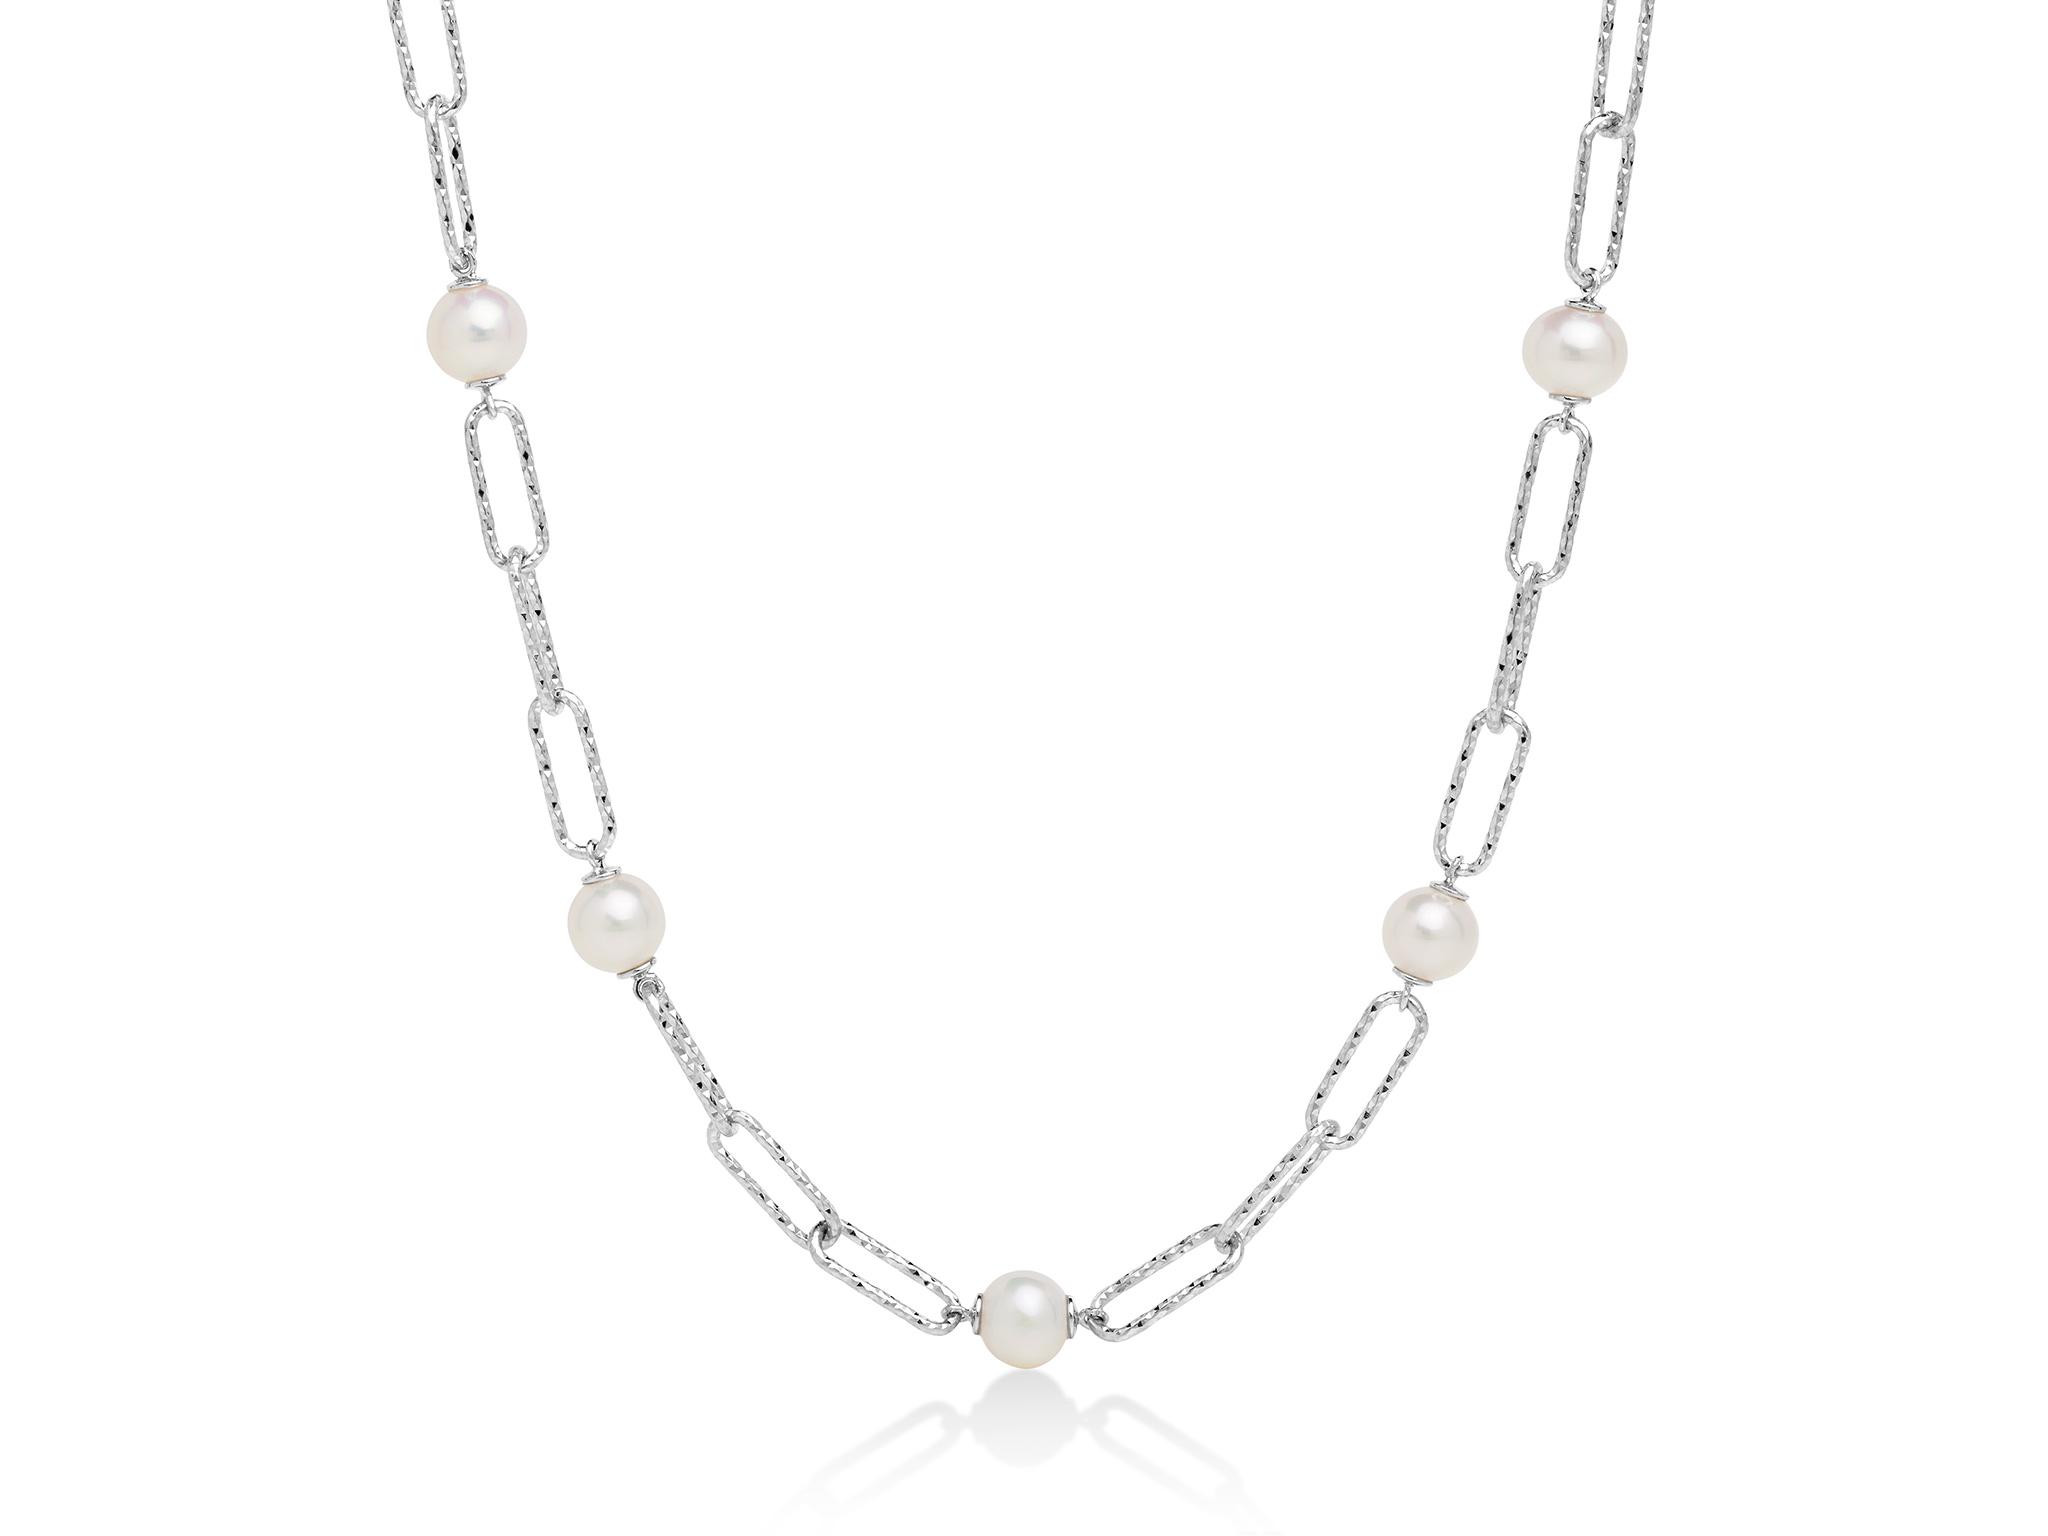 Collana con catena a maglia, in argento con cinque perle. - PCL6066